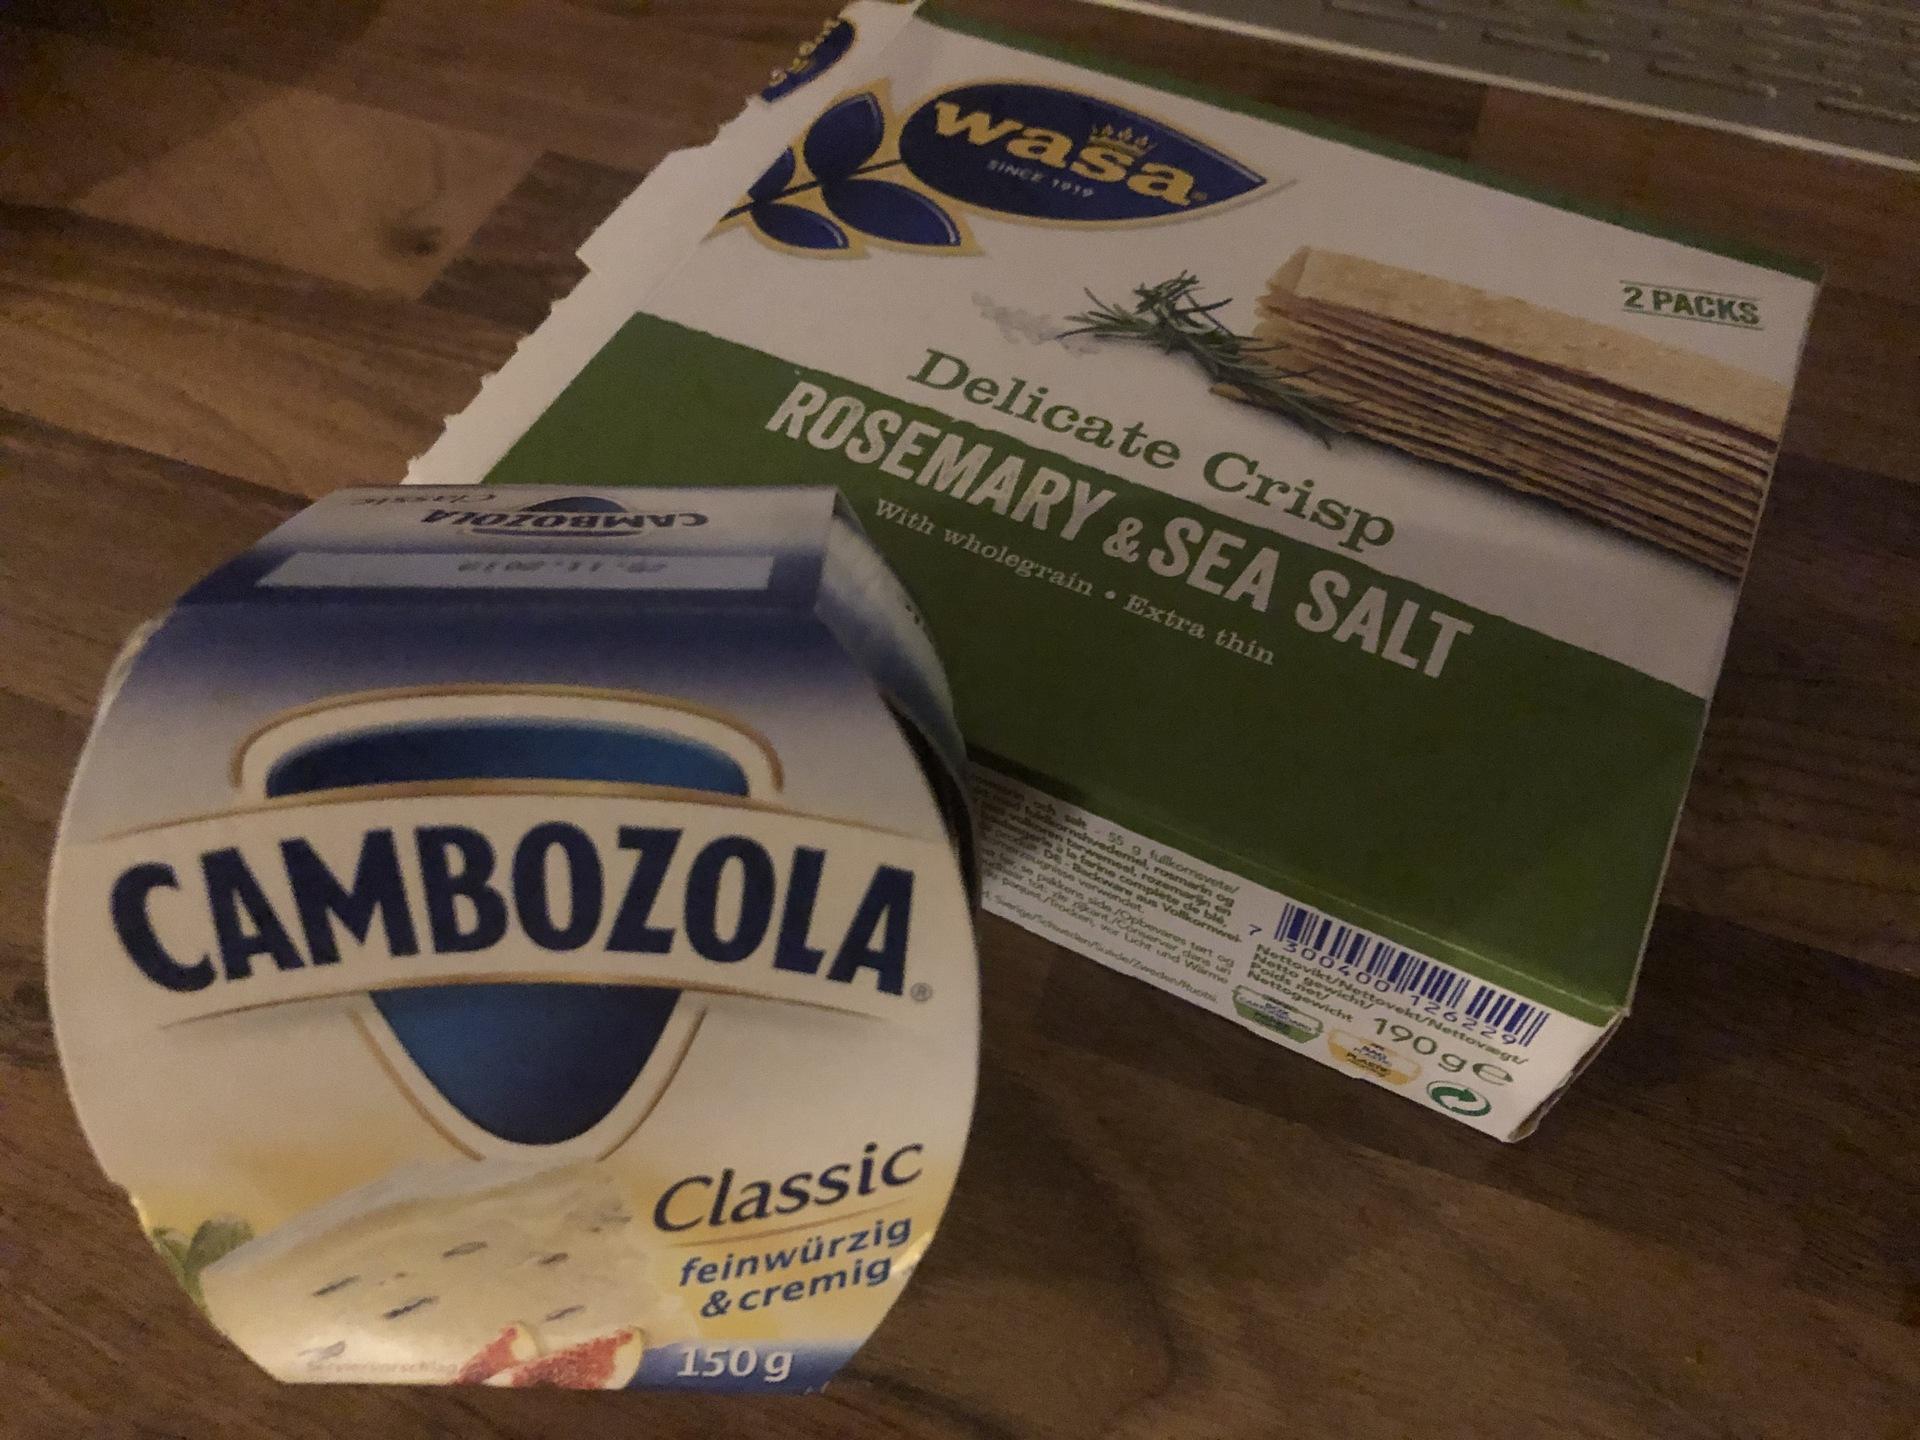 wasa クラッカー & カンボゾラチーズ | ミュンヘン在住ノリコさんのおすすめお土産